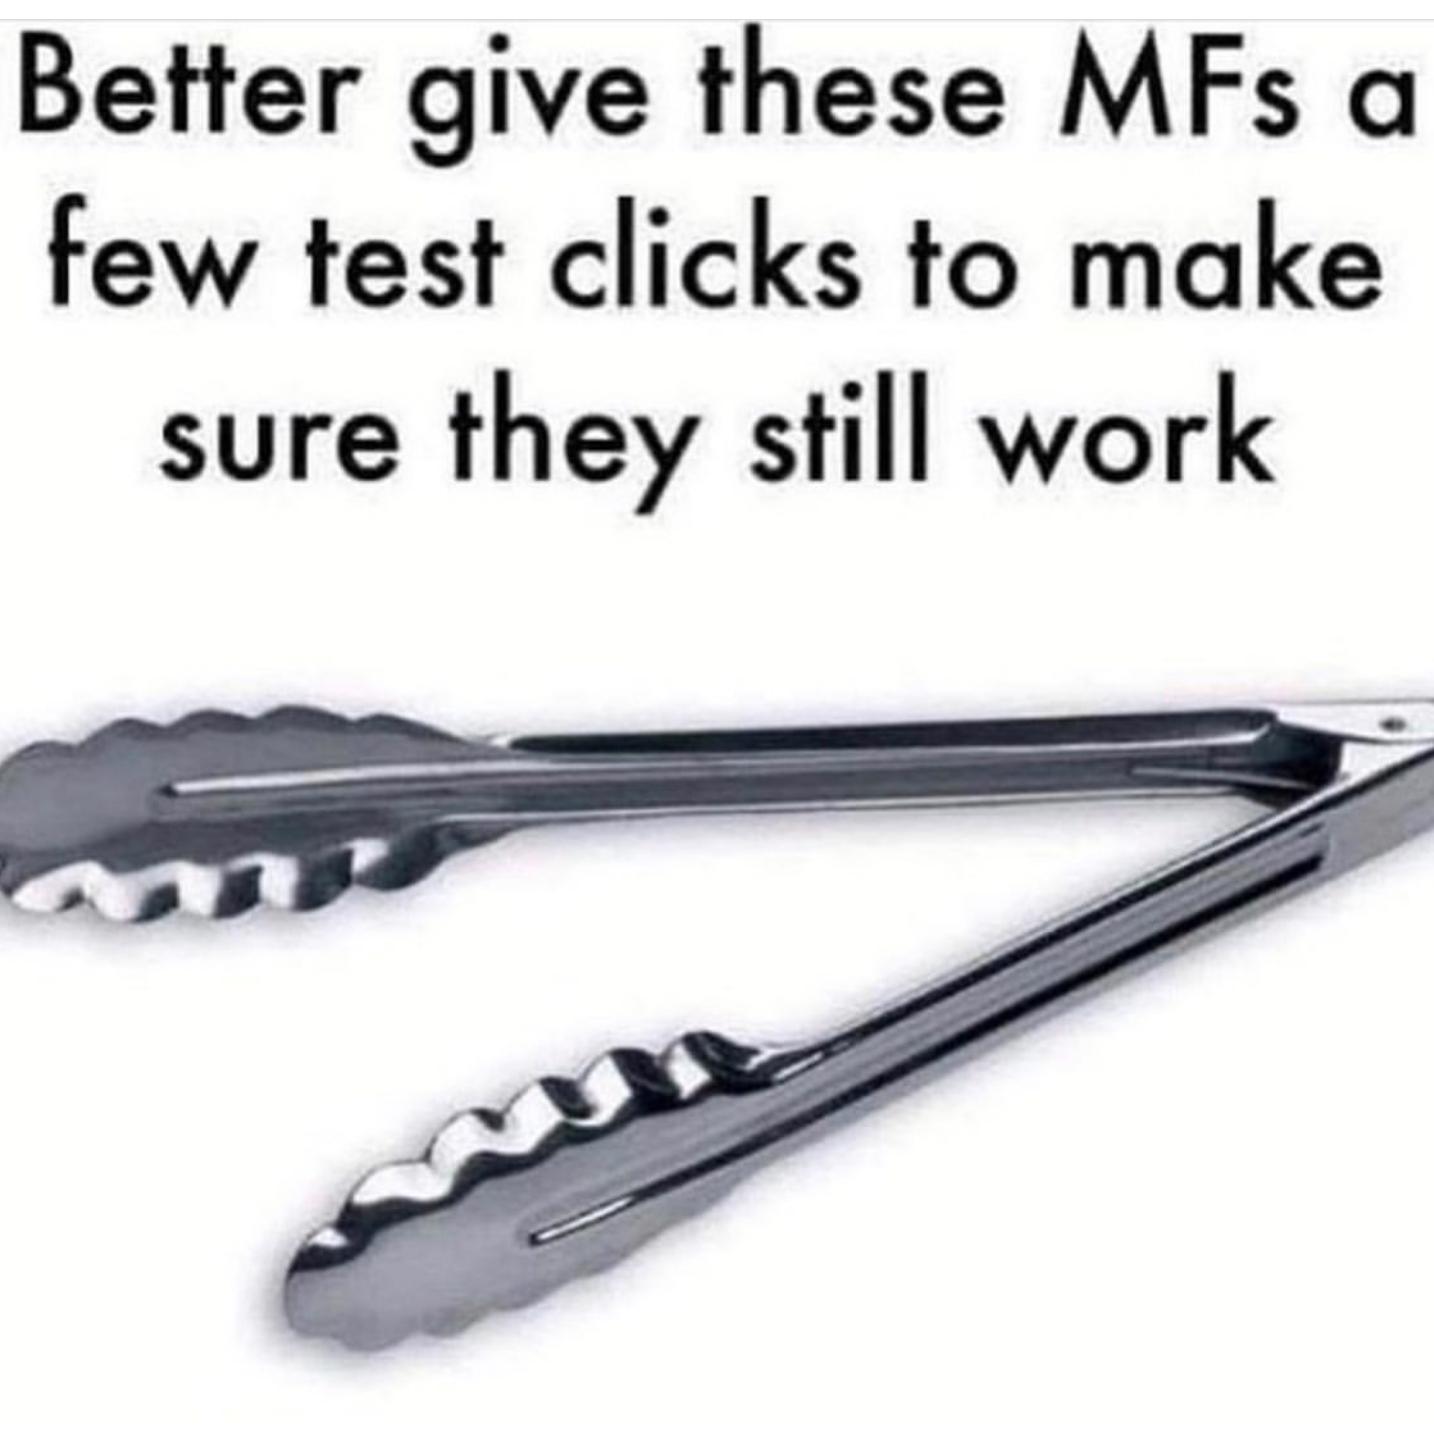 It's a must